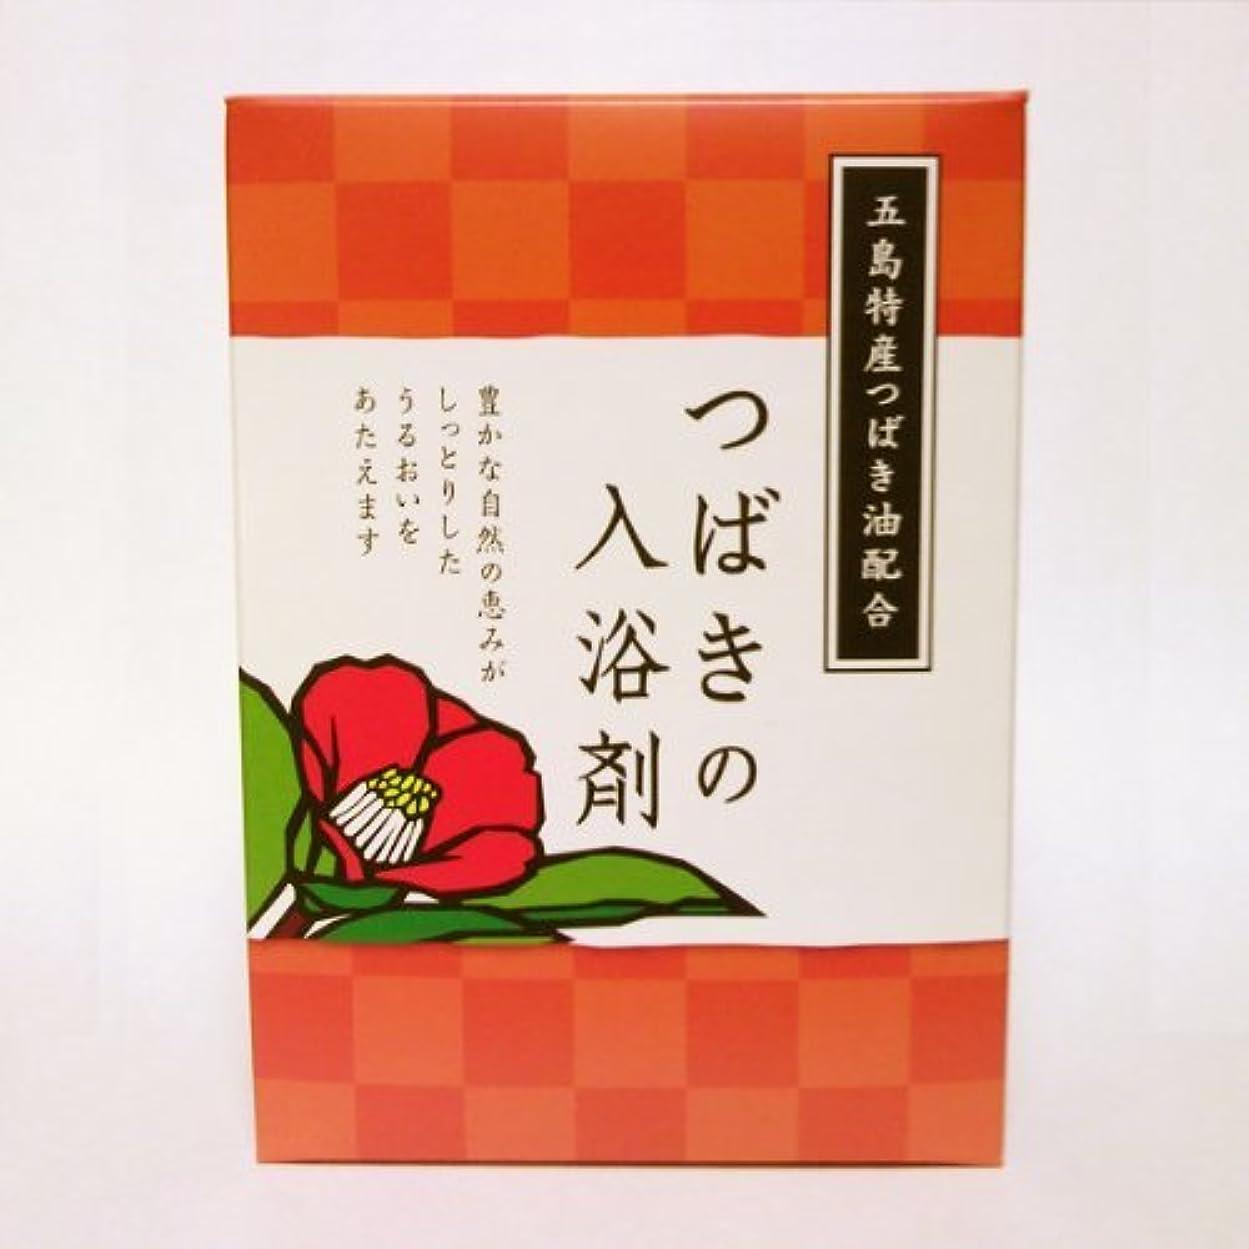 離婚嫌なタイトル五島特産純粋 つばきの入浴剤 新上五島町振興公社